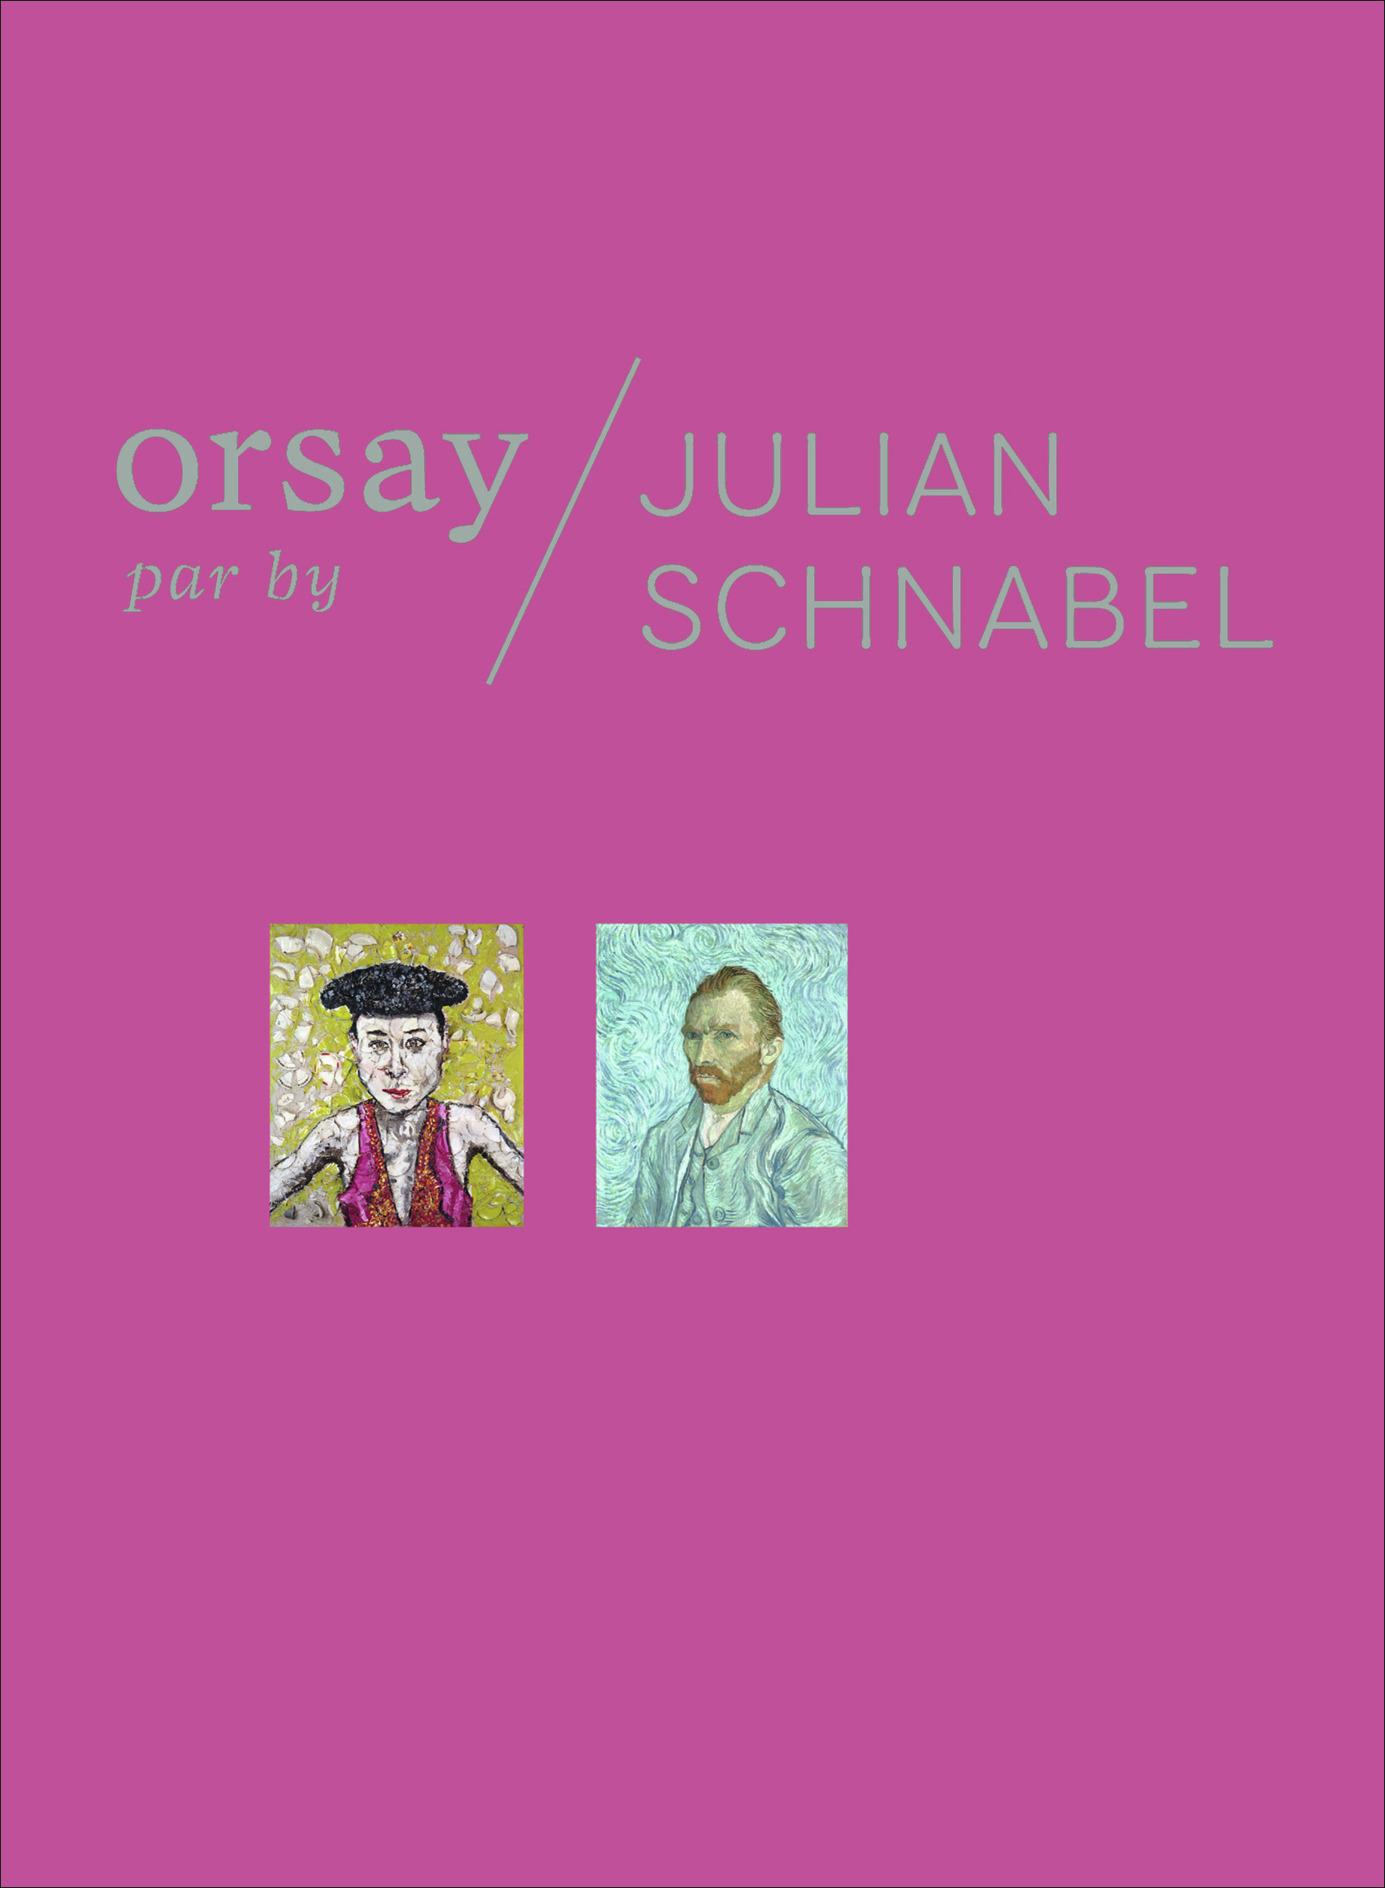 ORSAY PAR JULIAN SCHNABEL/ORSAY BY JULIAN SCHNABEL - BILINGUE (FRANCAIS-ANGLAIS)